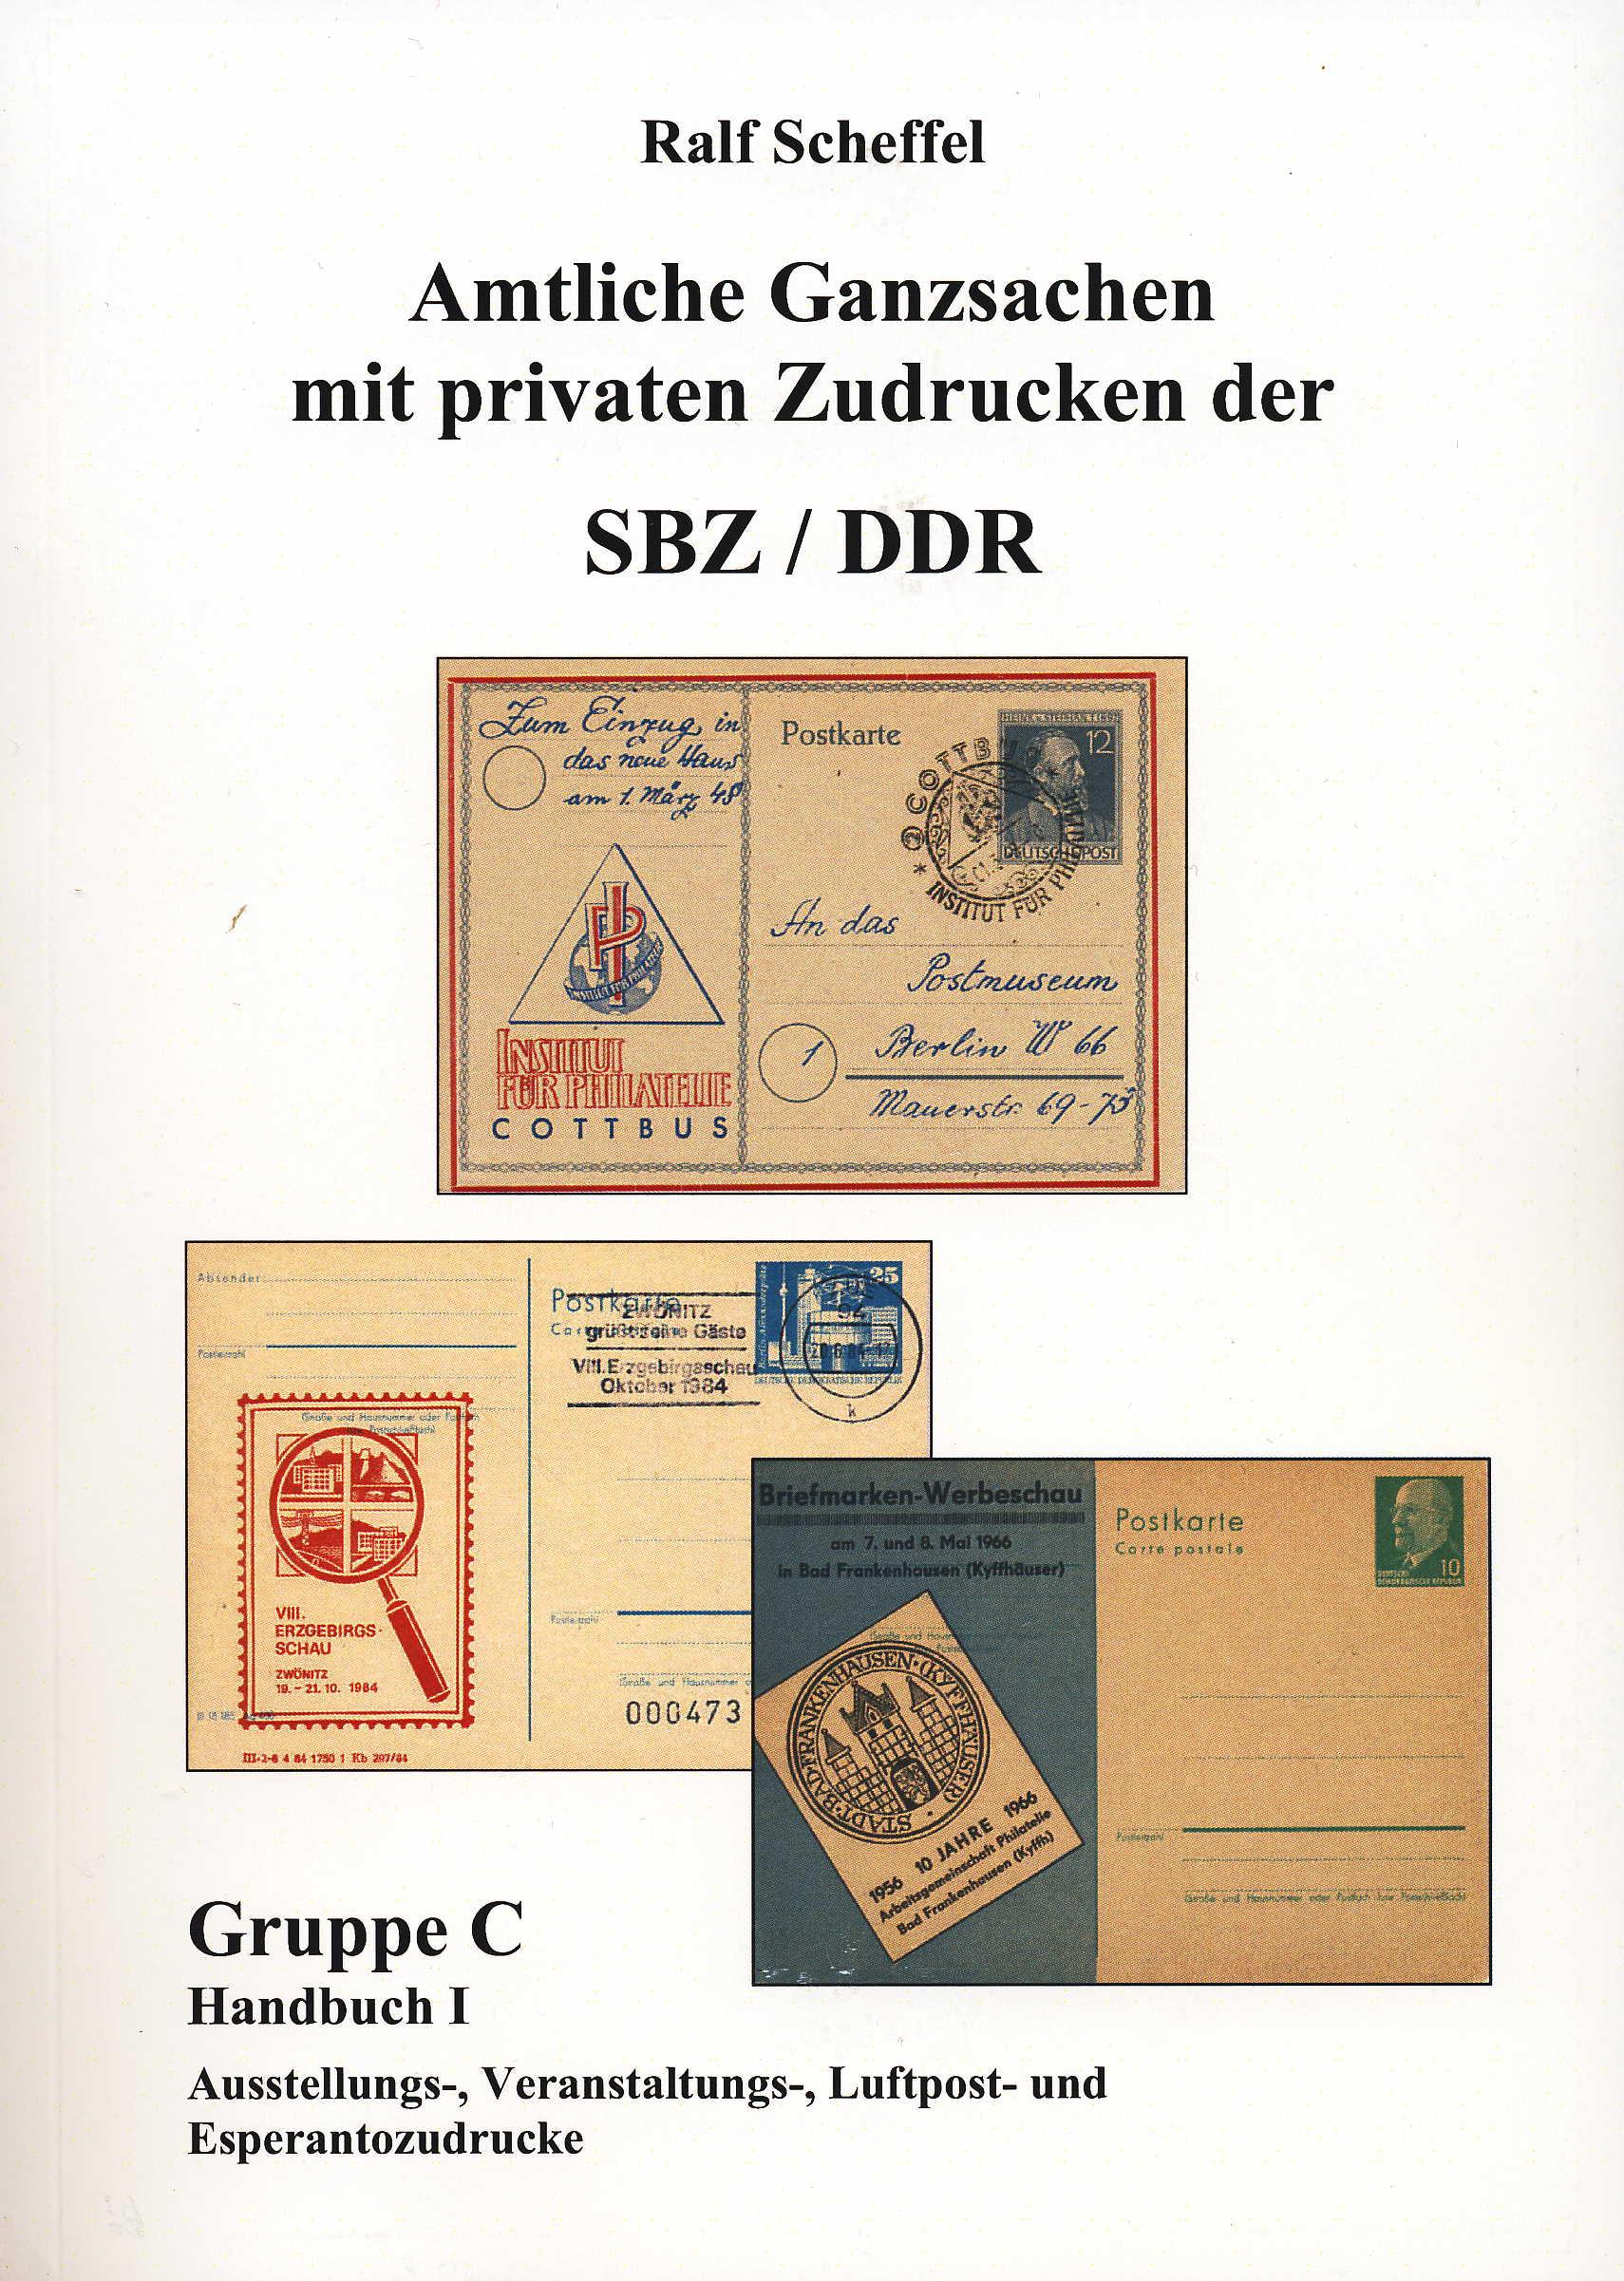 Scheffel Katalog Amtlicher Ganzsachen mit privaten Zudrucken der